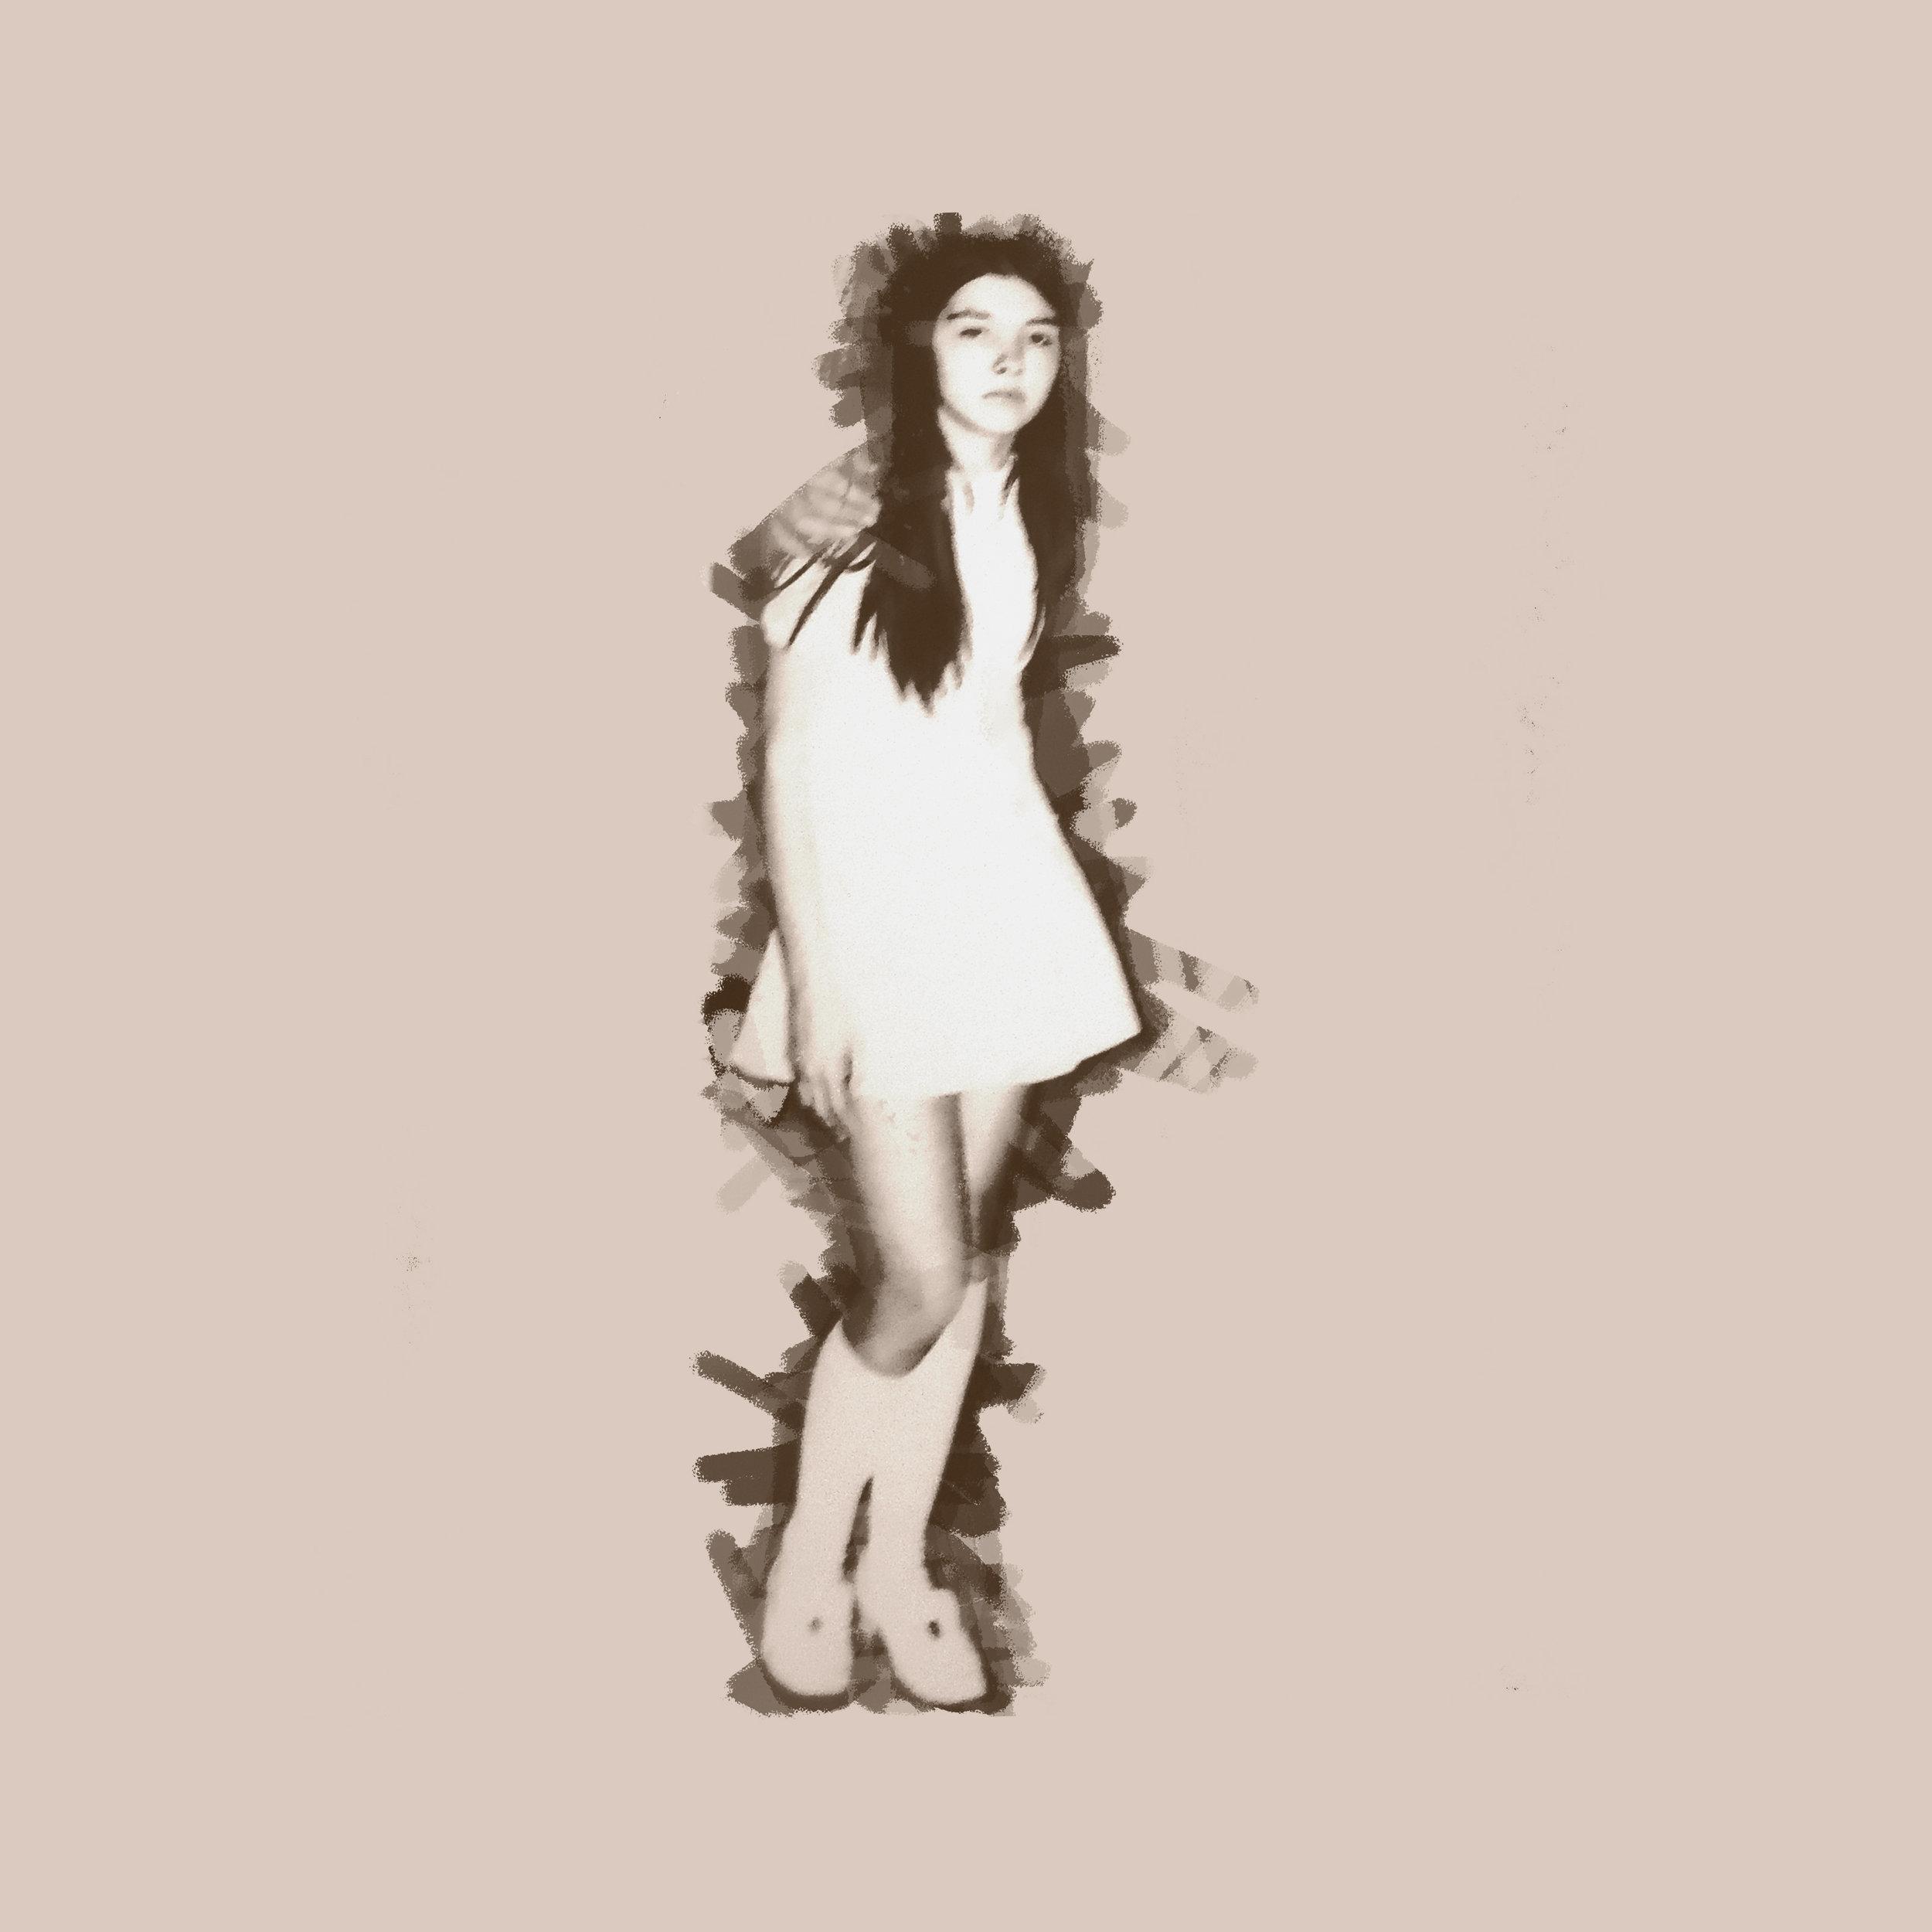 1972-Nos.en Casamiento Ester-Jorge-Edit-Edit copy.jpg